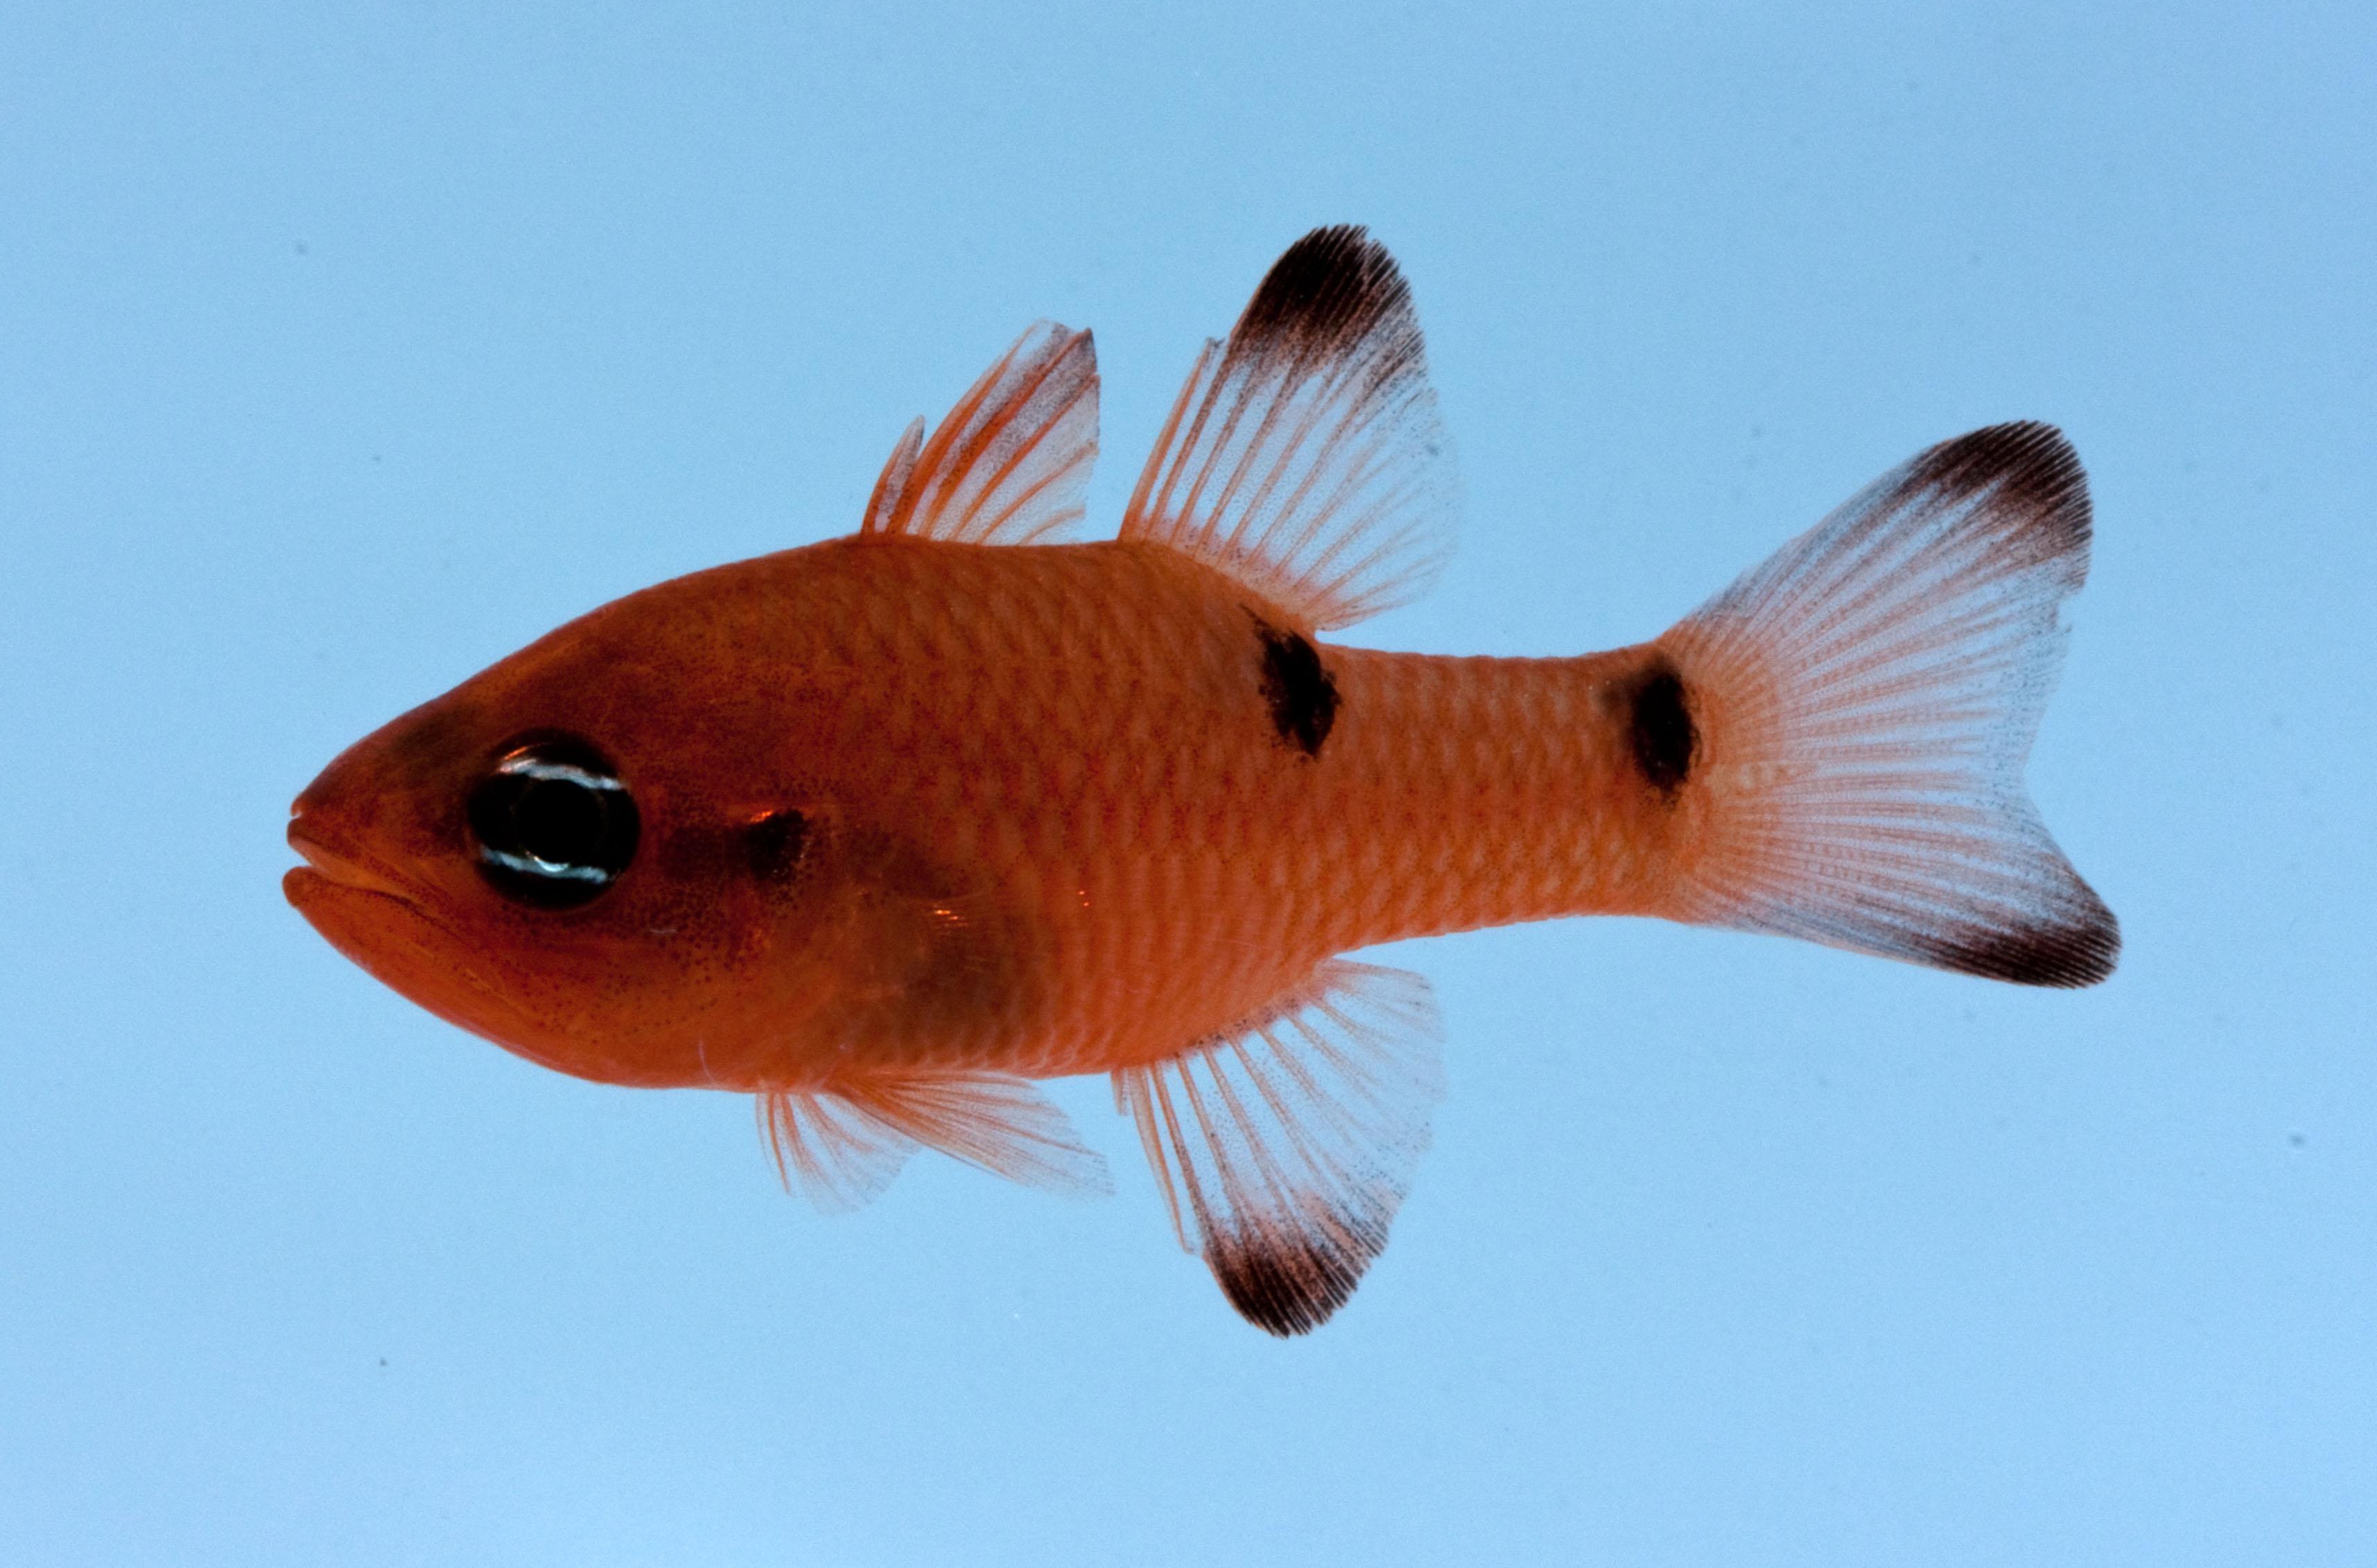 Twospot cardinalfish, Apogon pseudomaculatus